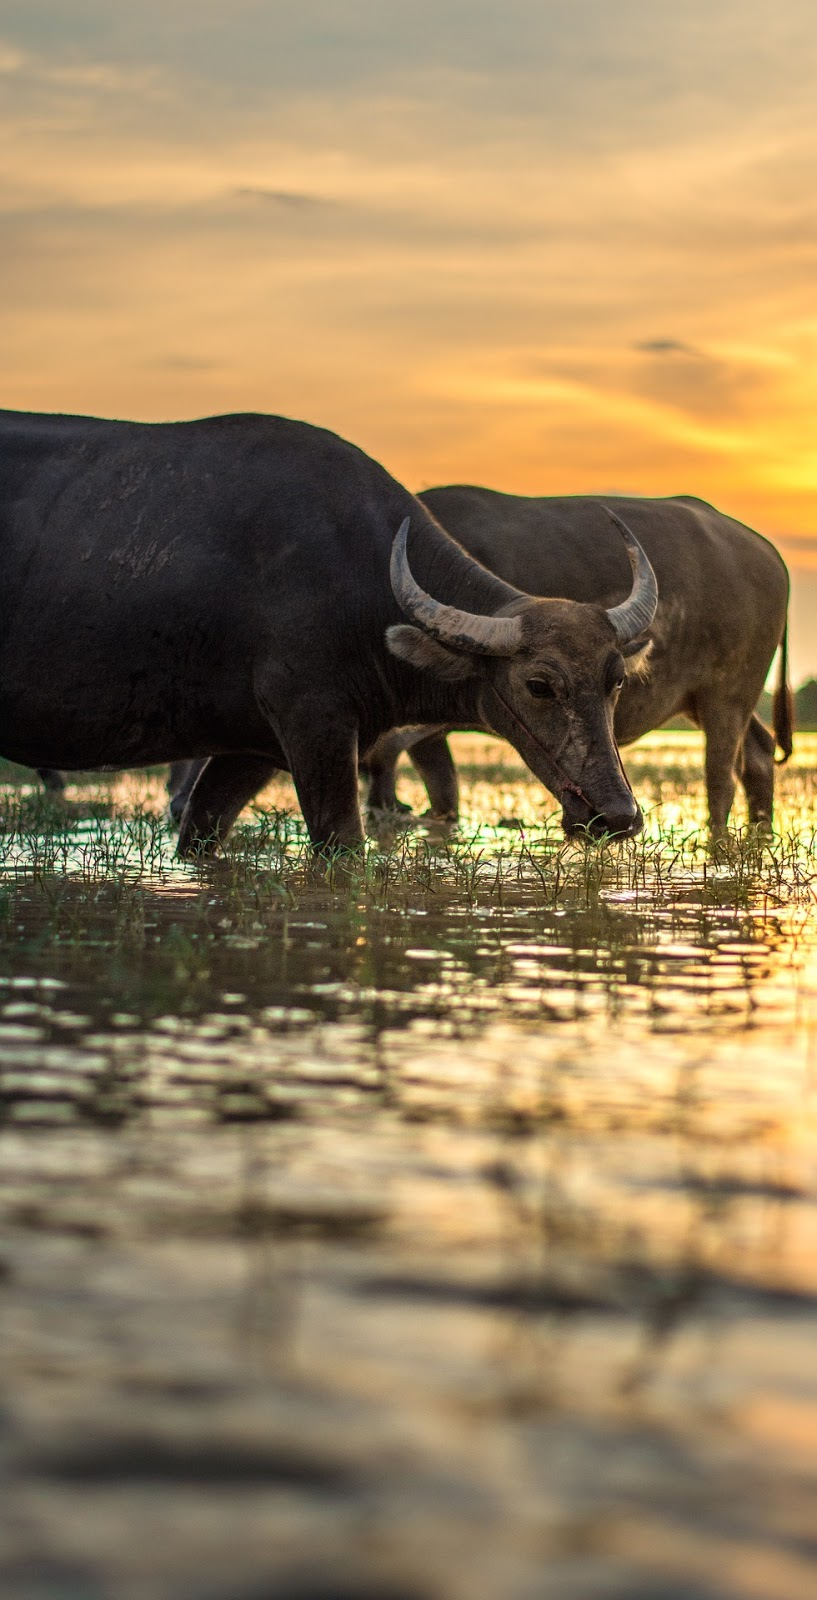 Water buffaloes at sunset.